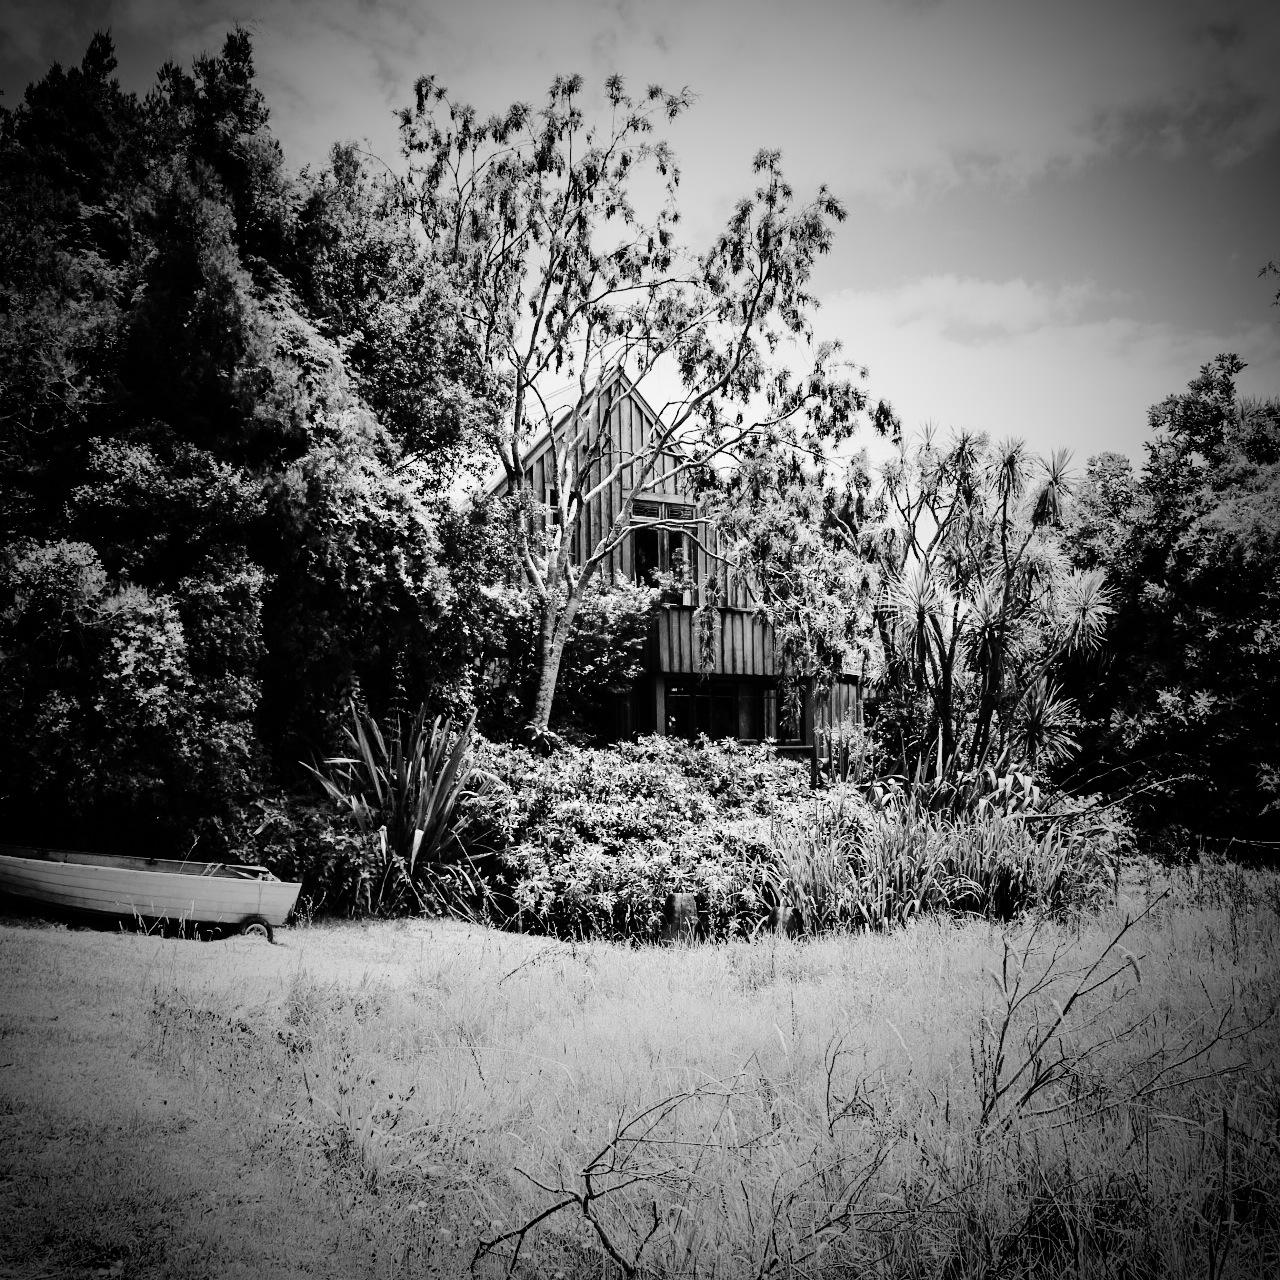 The Lost House - Waiheke Island, NZ